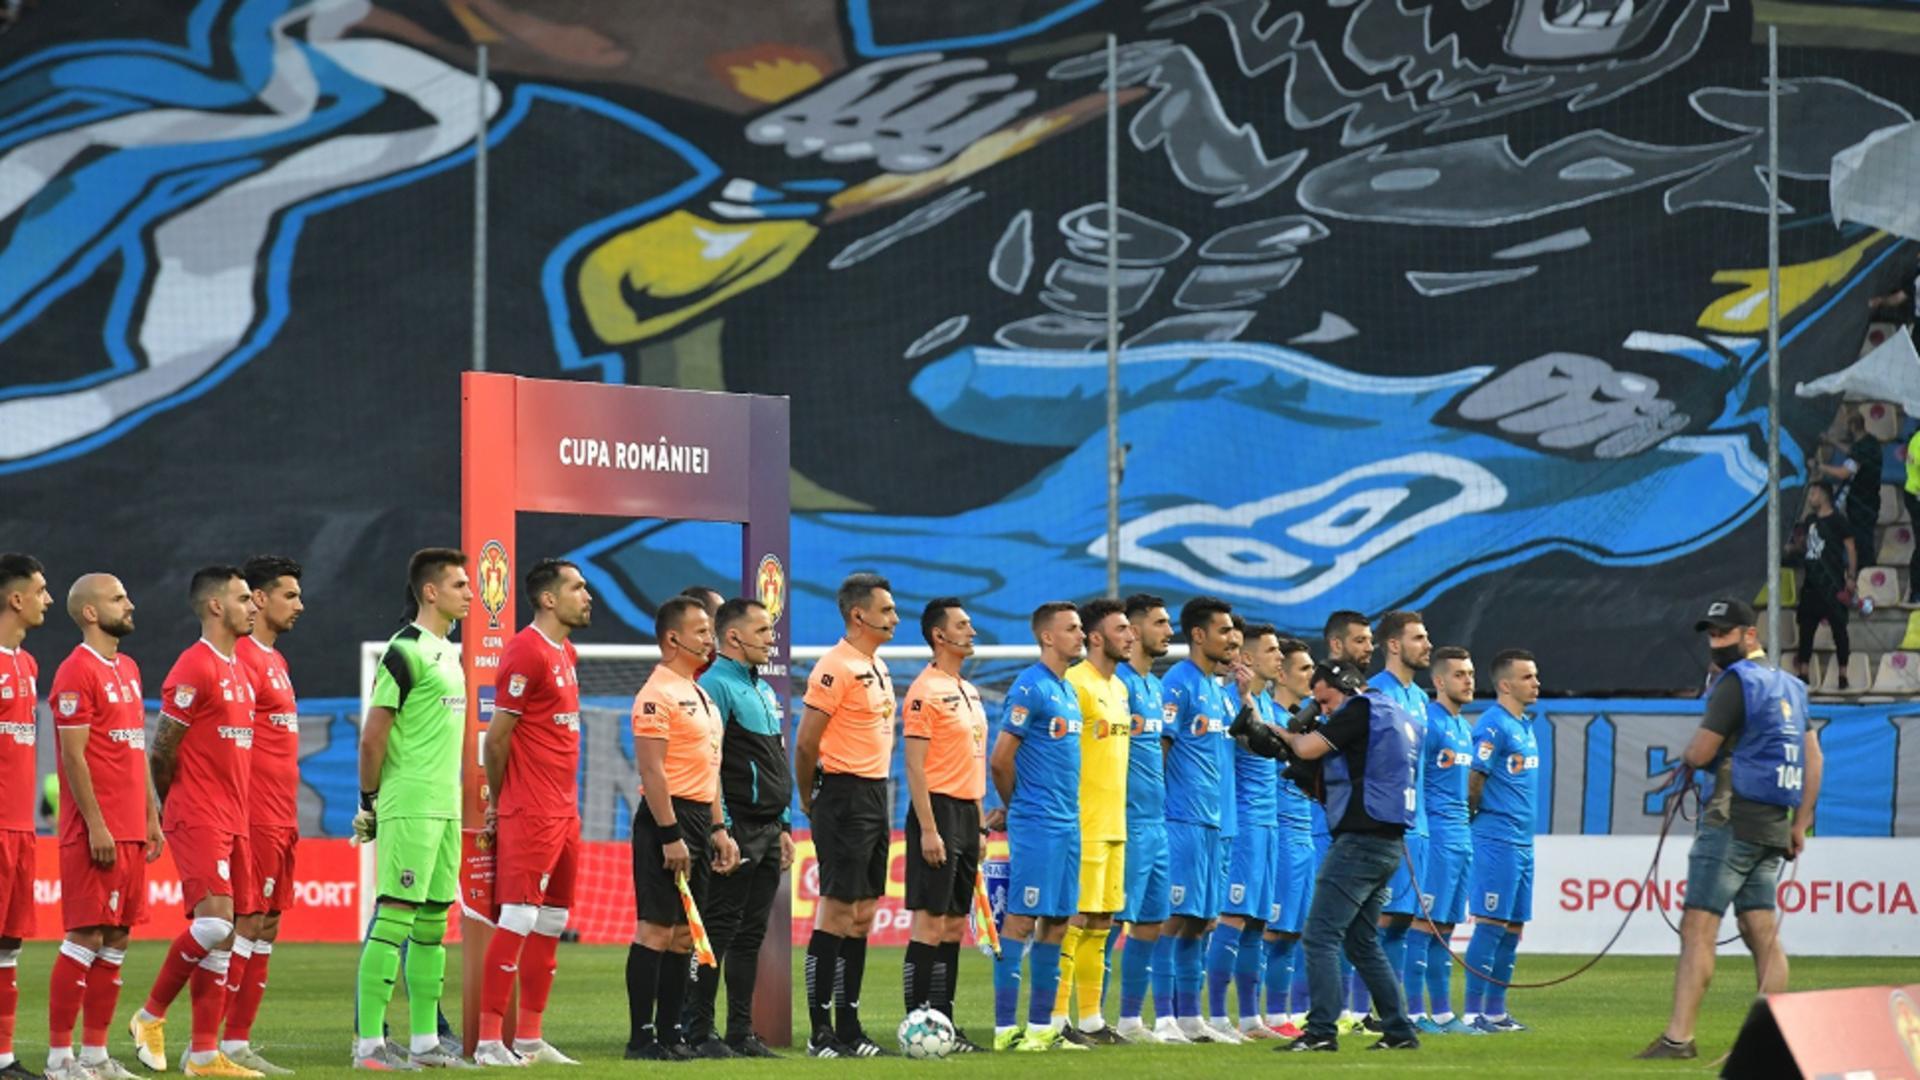 Craiova a învins Astra cu 2-1 în finala Cupei României